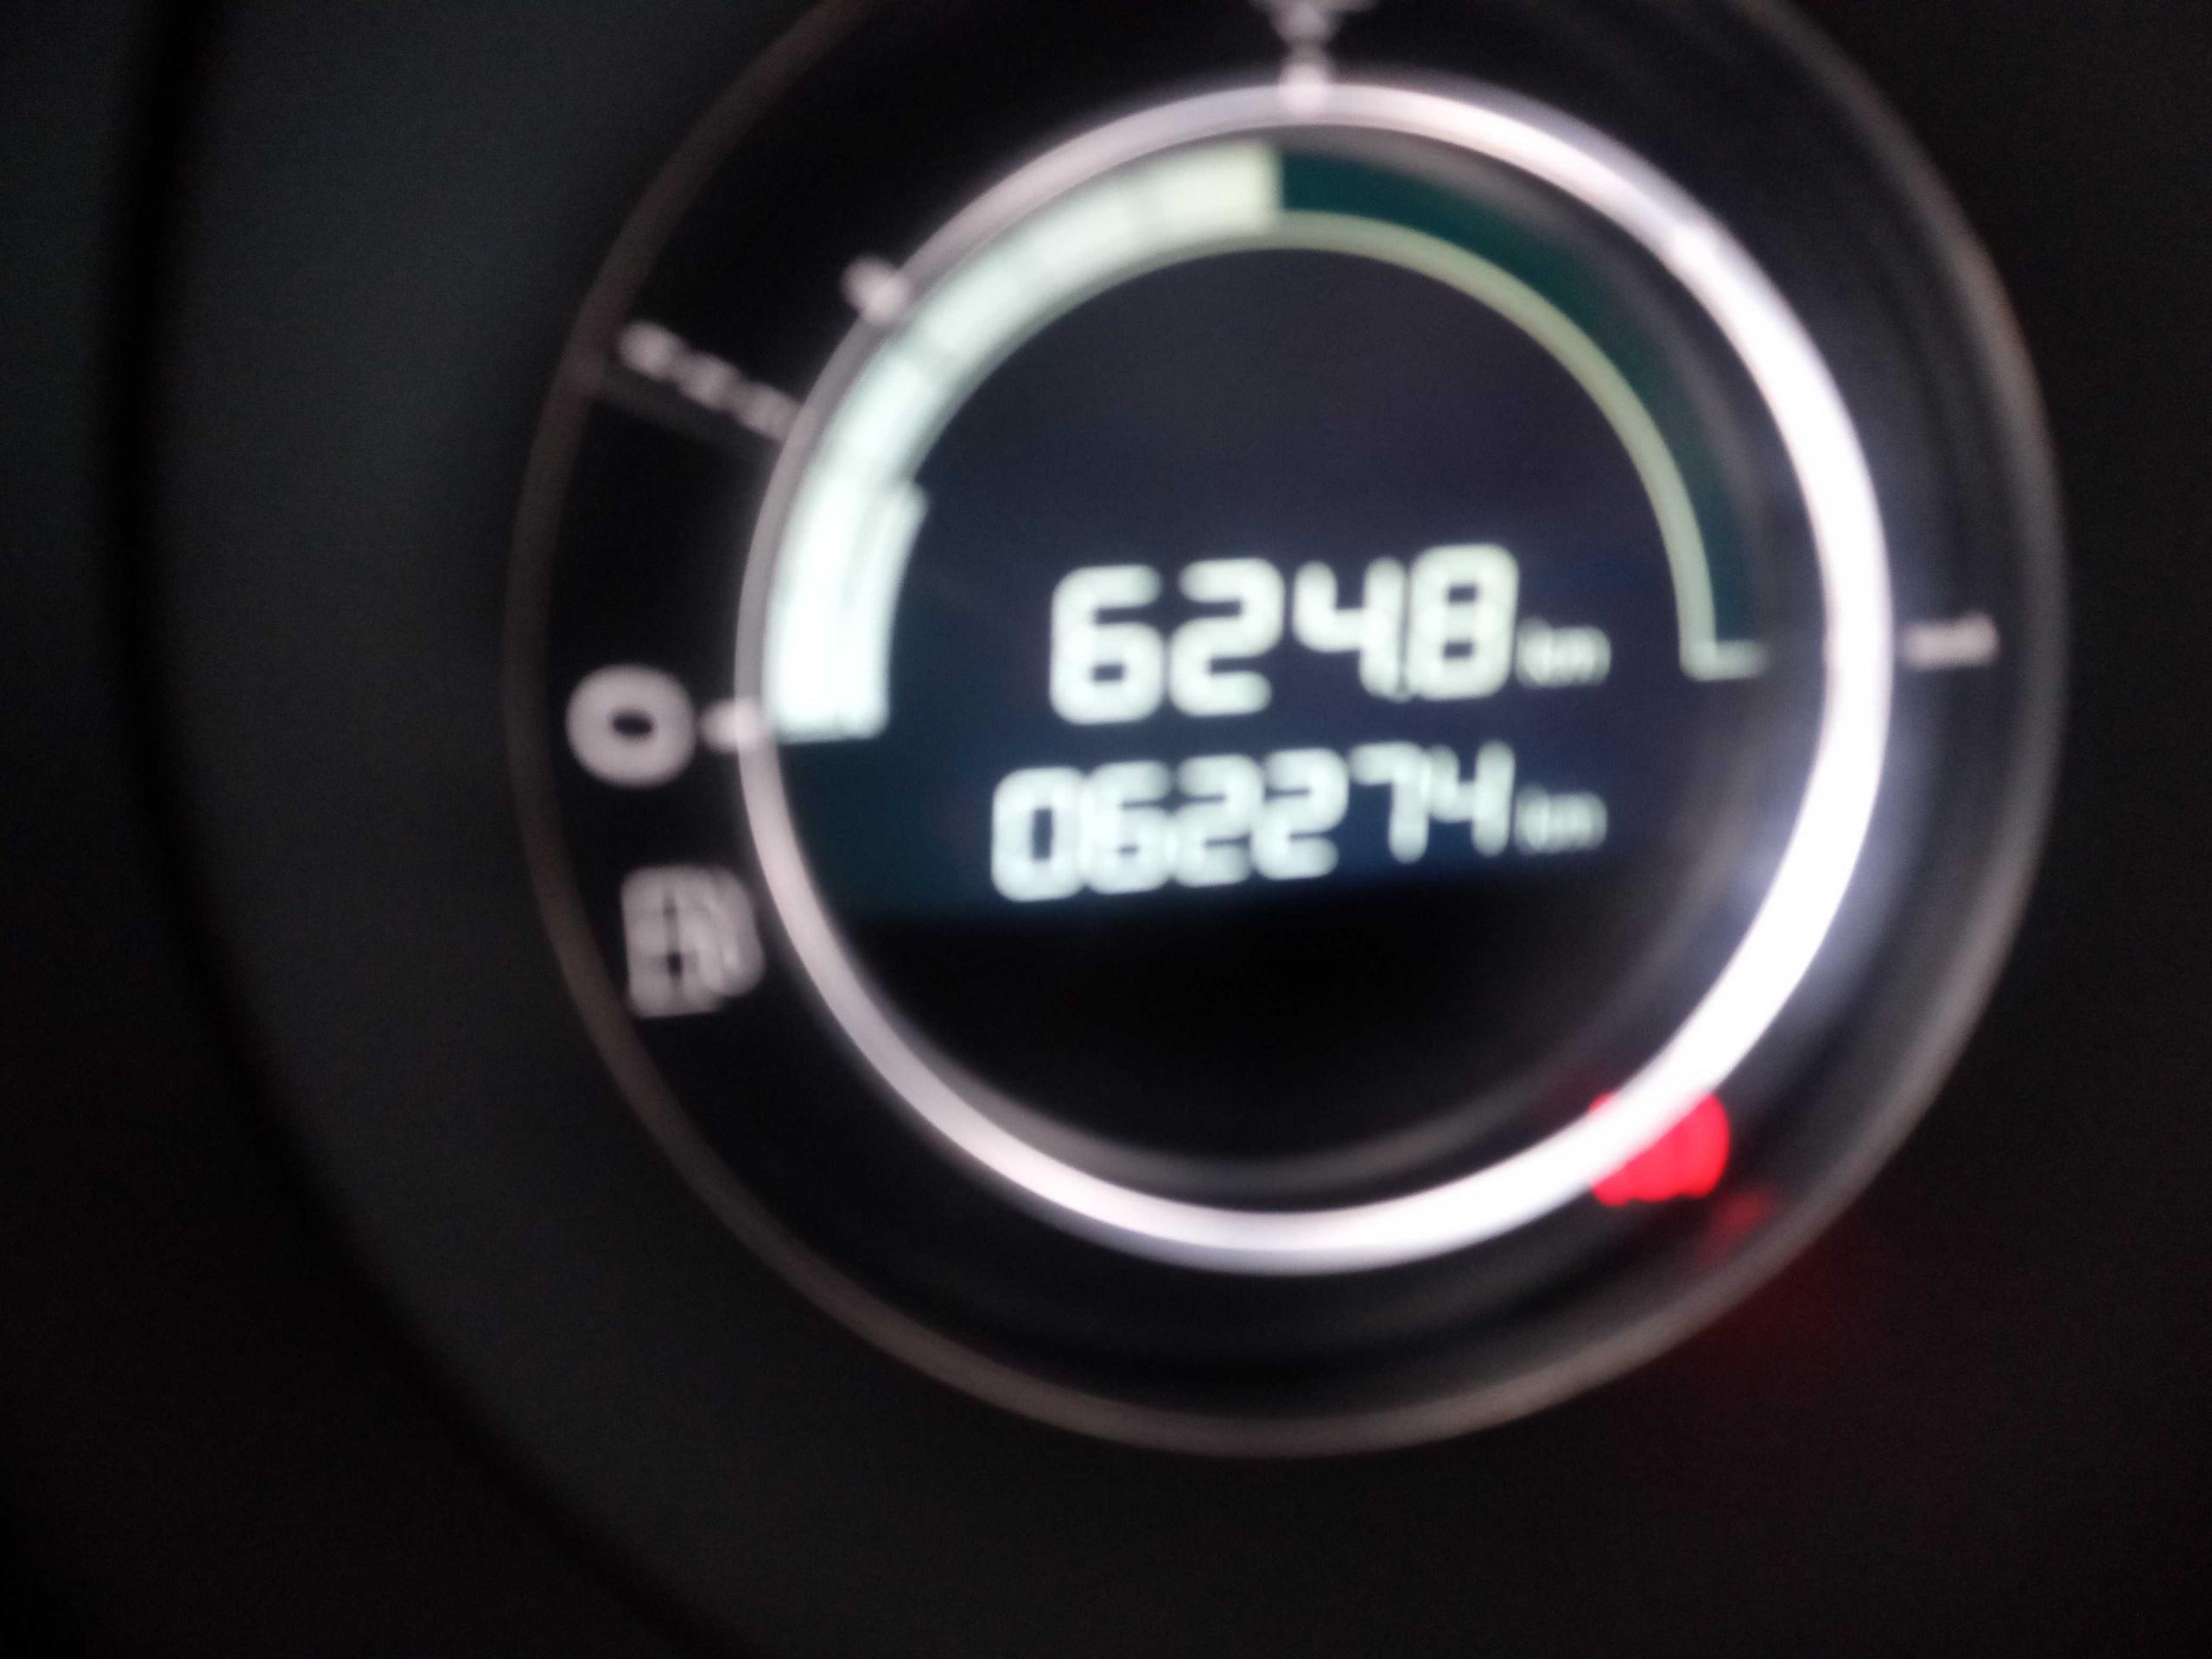 Citroën C4 LOUNGE C4 LOUNGE EXCLUSIVE 1.6 THP (AUT)